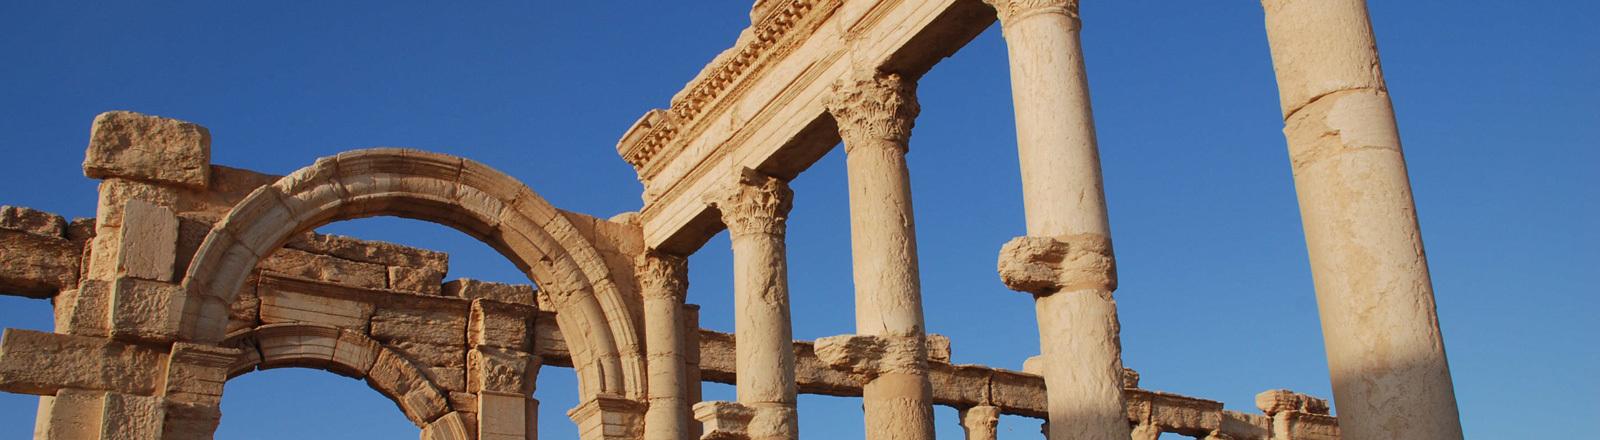 Ruinen der antiken Stadt Palmyra in der syrischen Wüste nördlich von Damaskus, aufgenommen am 17.06.2008.